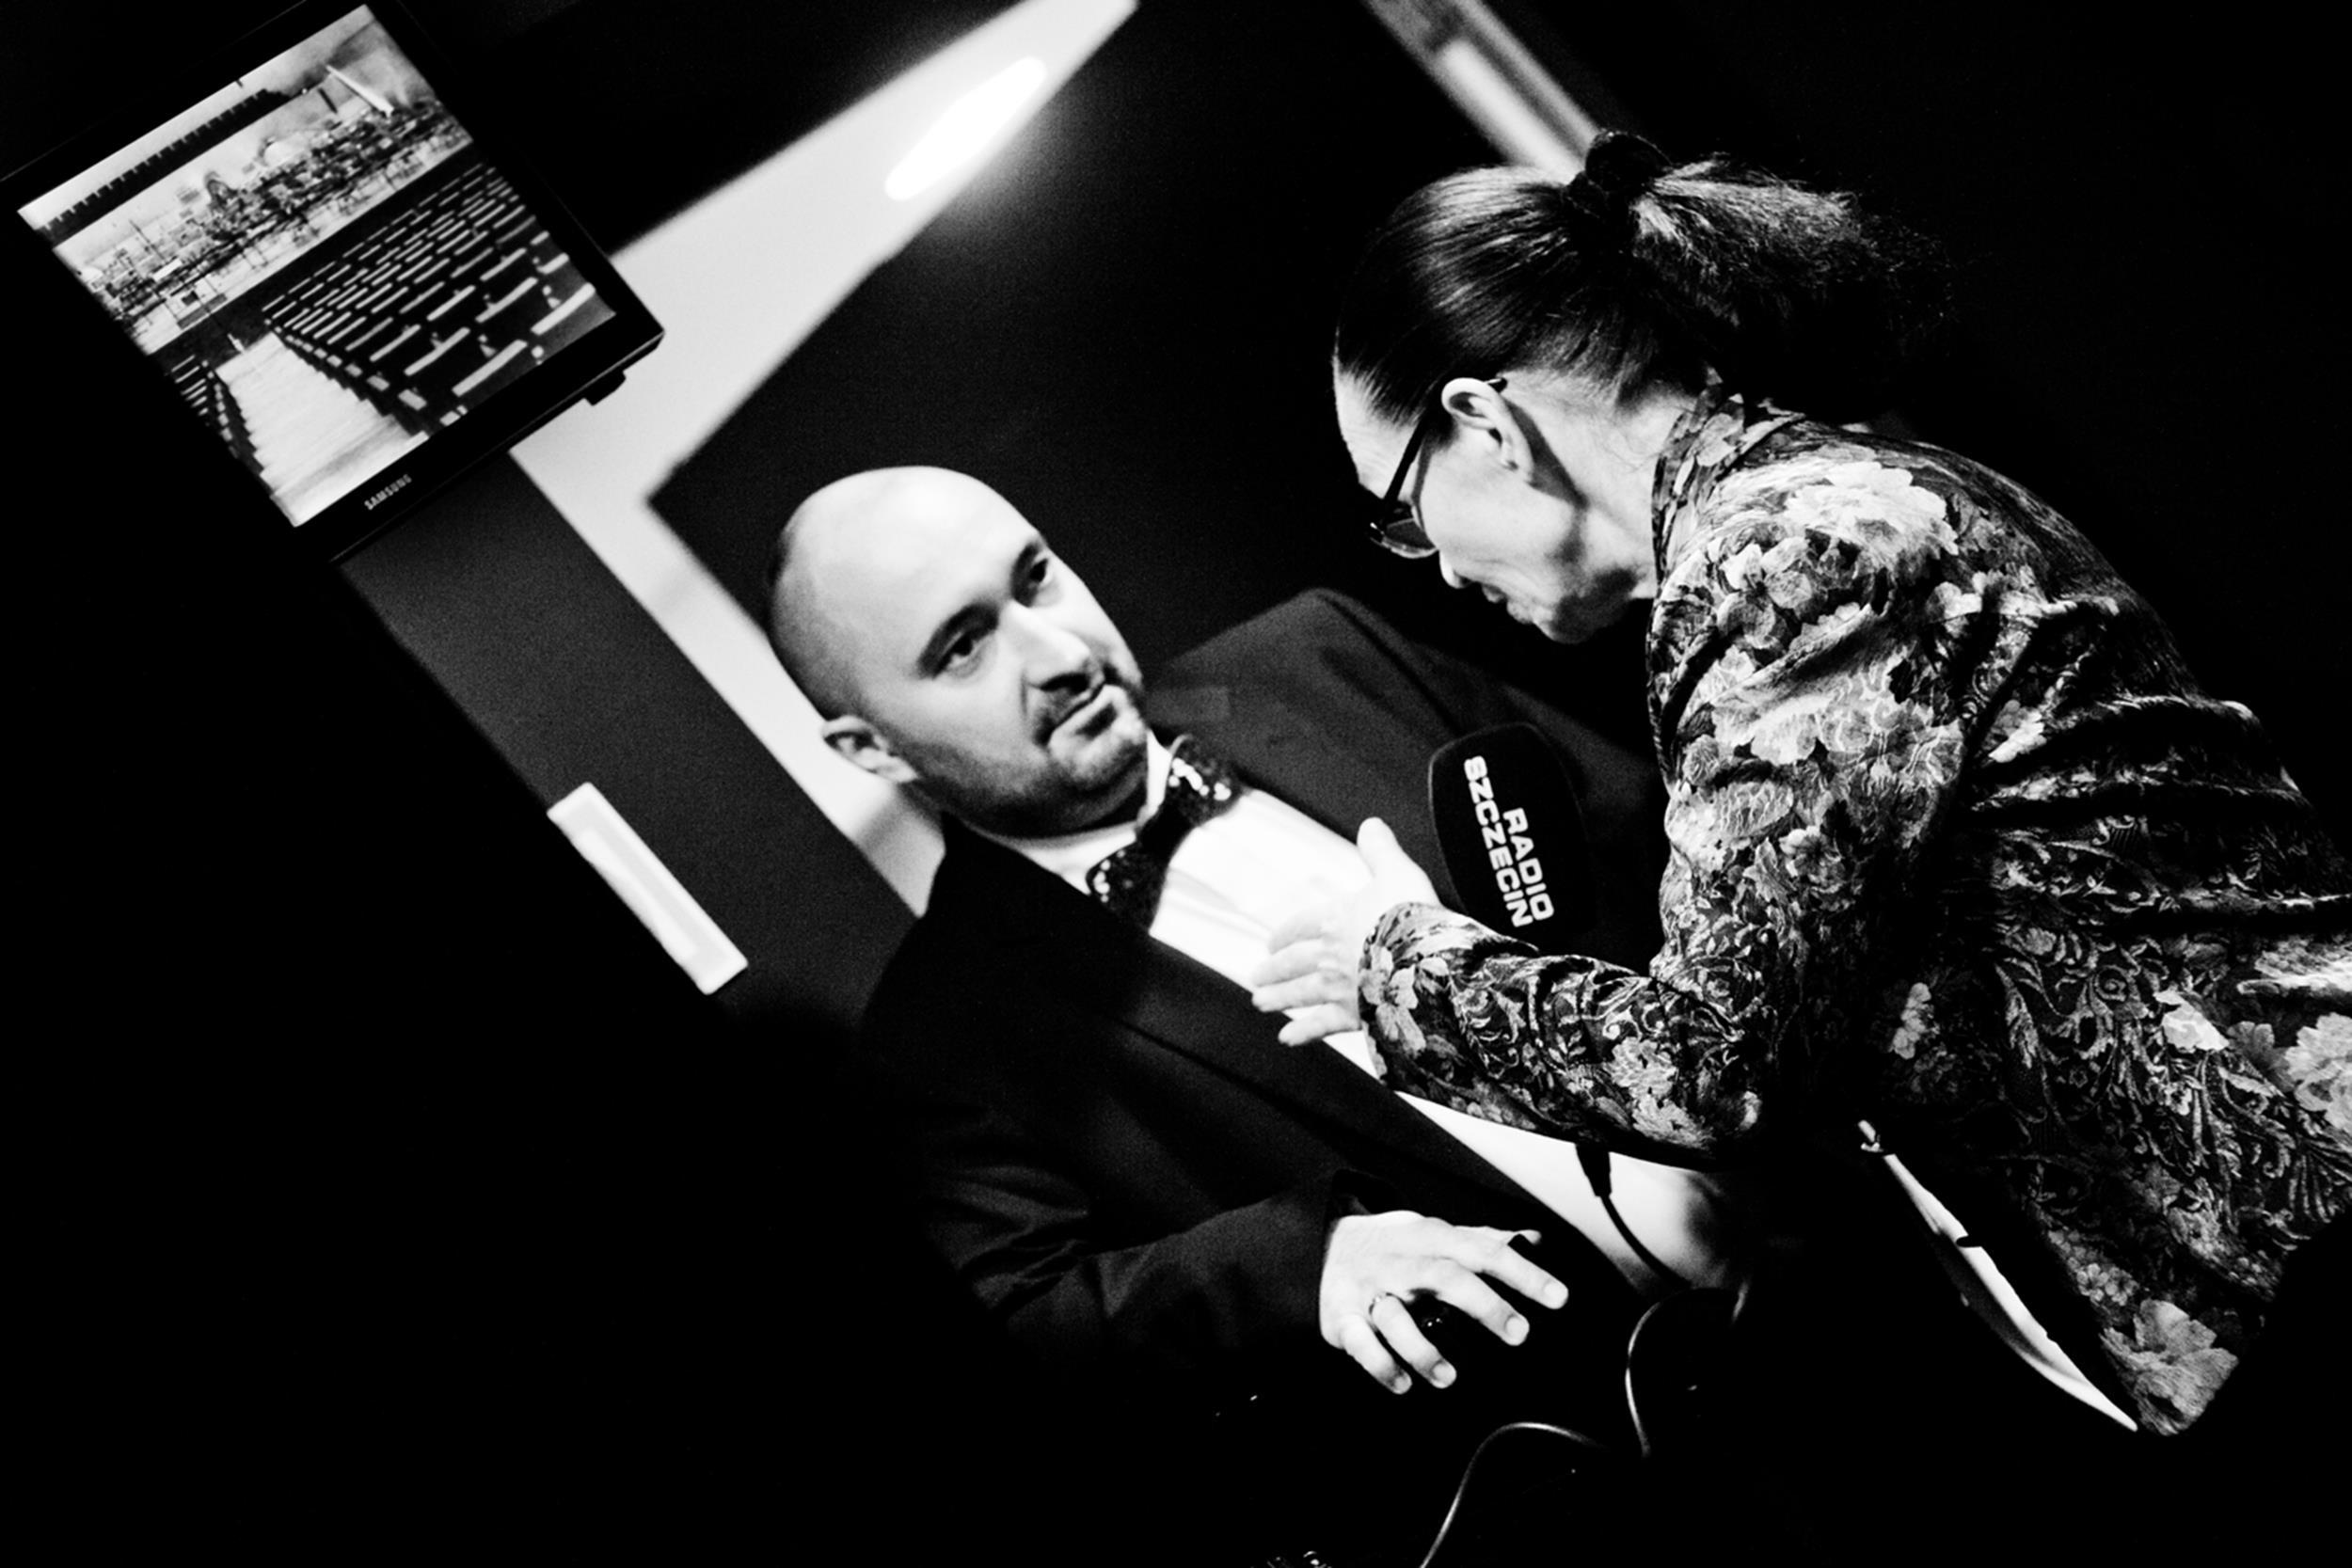 Miłosz Bembinow udzielający wywiadu dla Radia Szczecin Fot. Kinga Karpati&Daniel Zarewicz PRESTIGE PORTRAIT